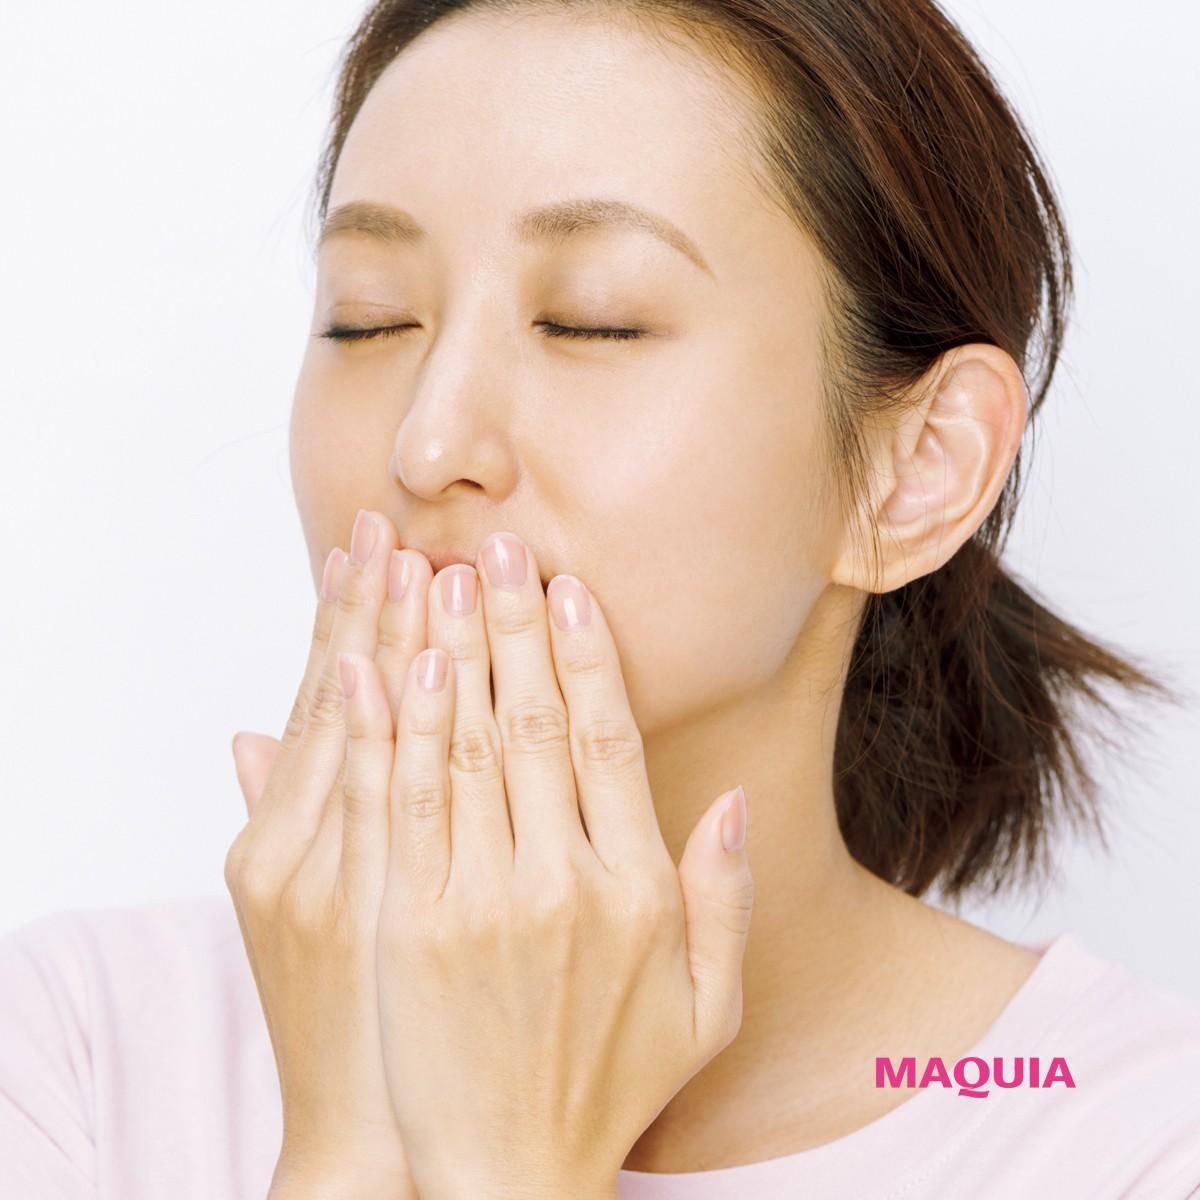 朝晩のお手入れで日中乾かない! 唇の保湿ケア術&おすすめリップクリームBEST5